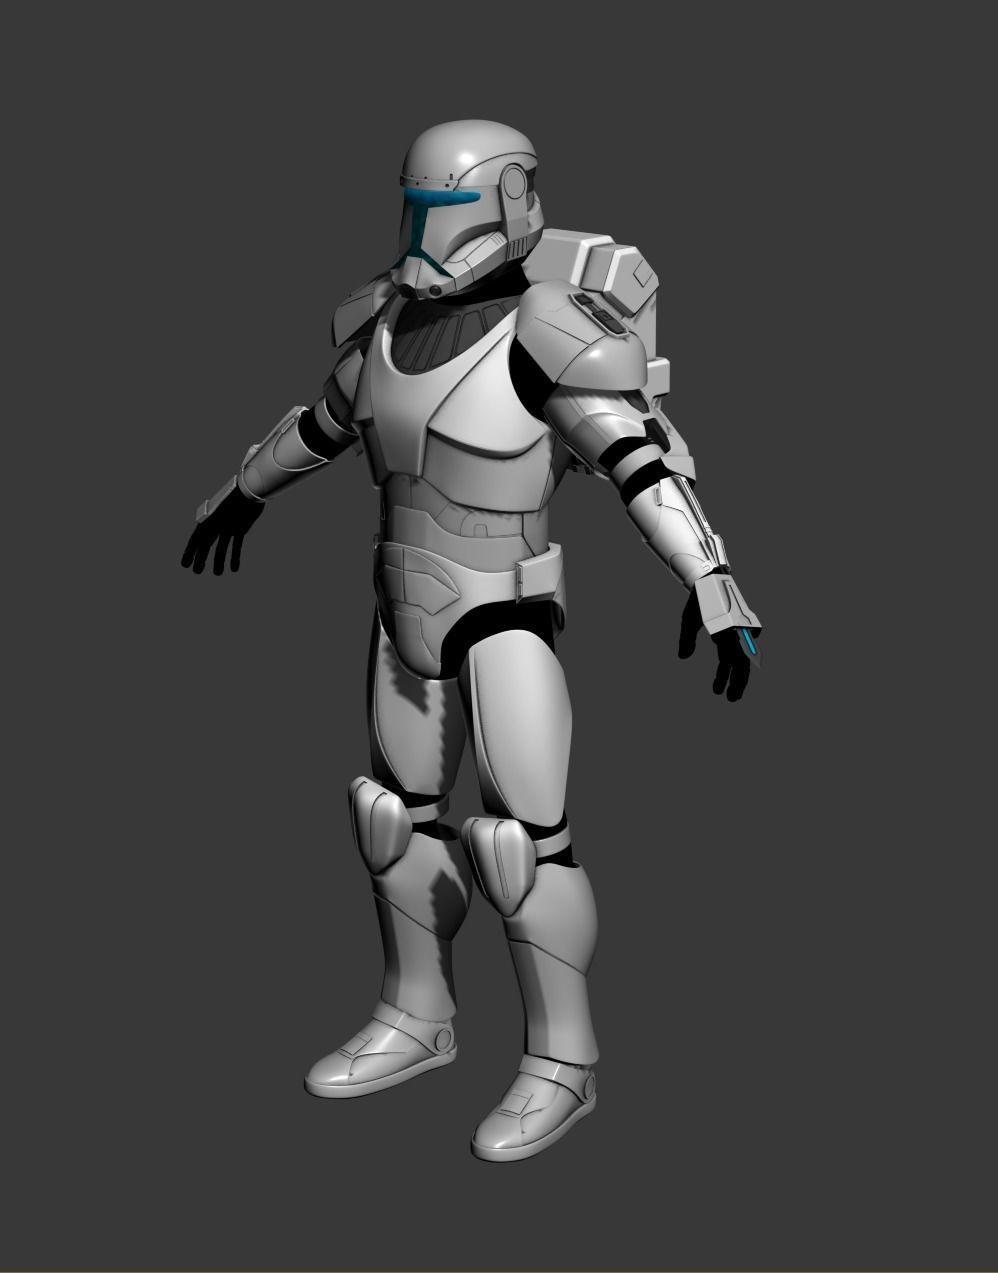 Republic Commando Cosplay 3D Print Model